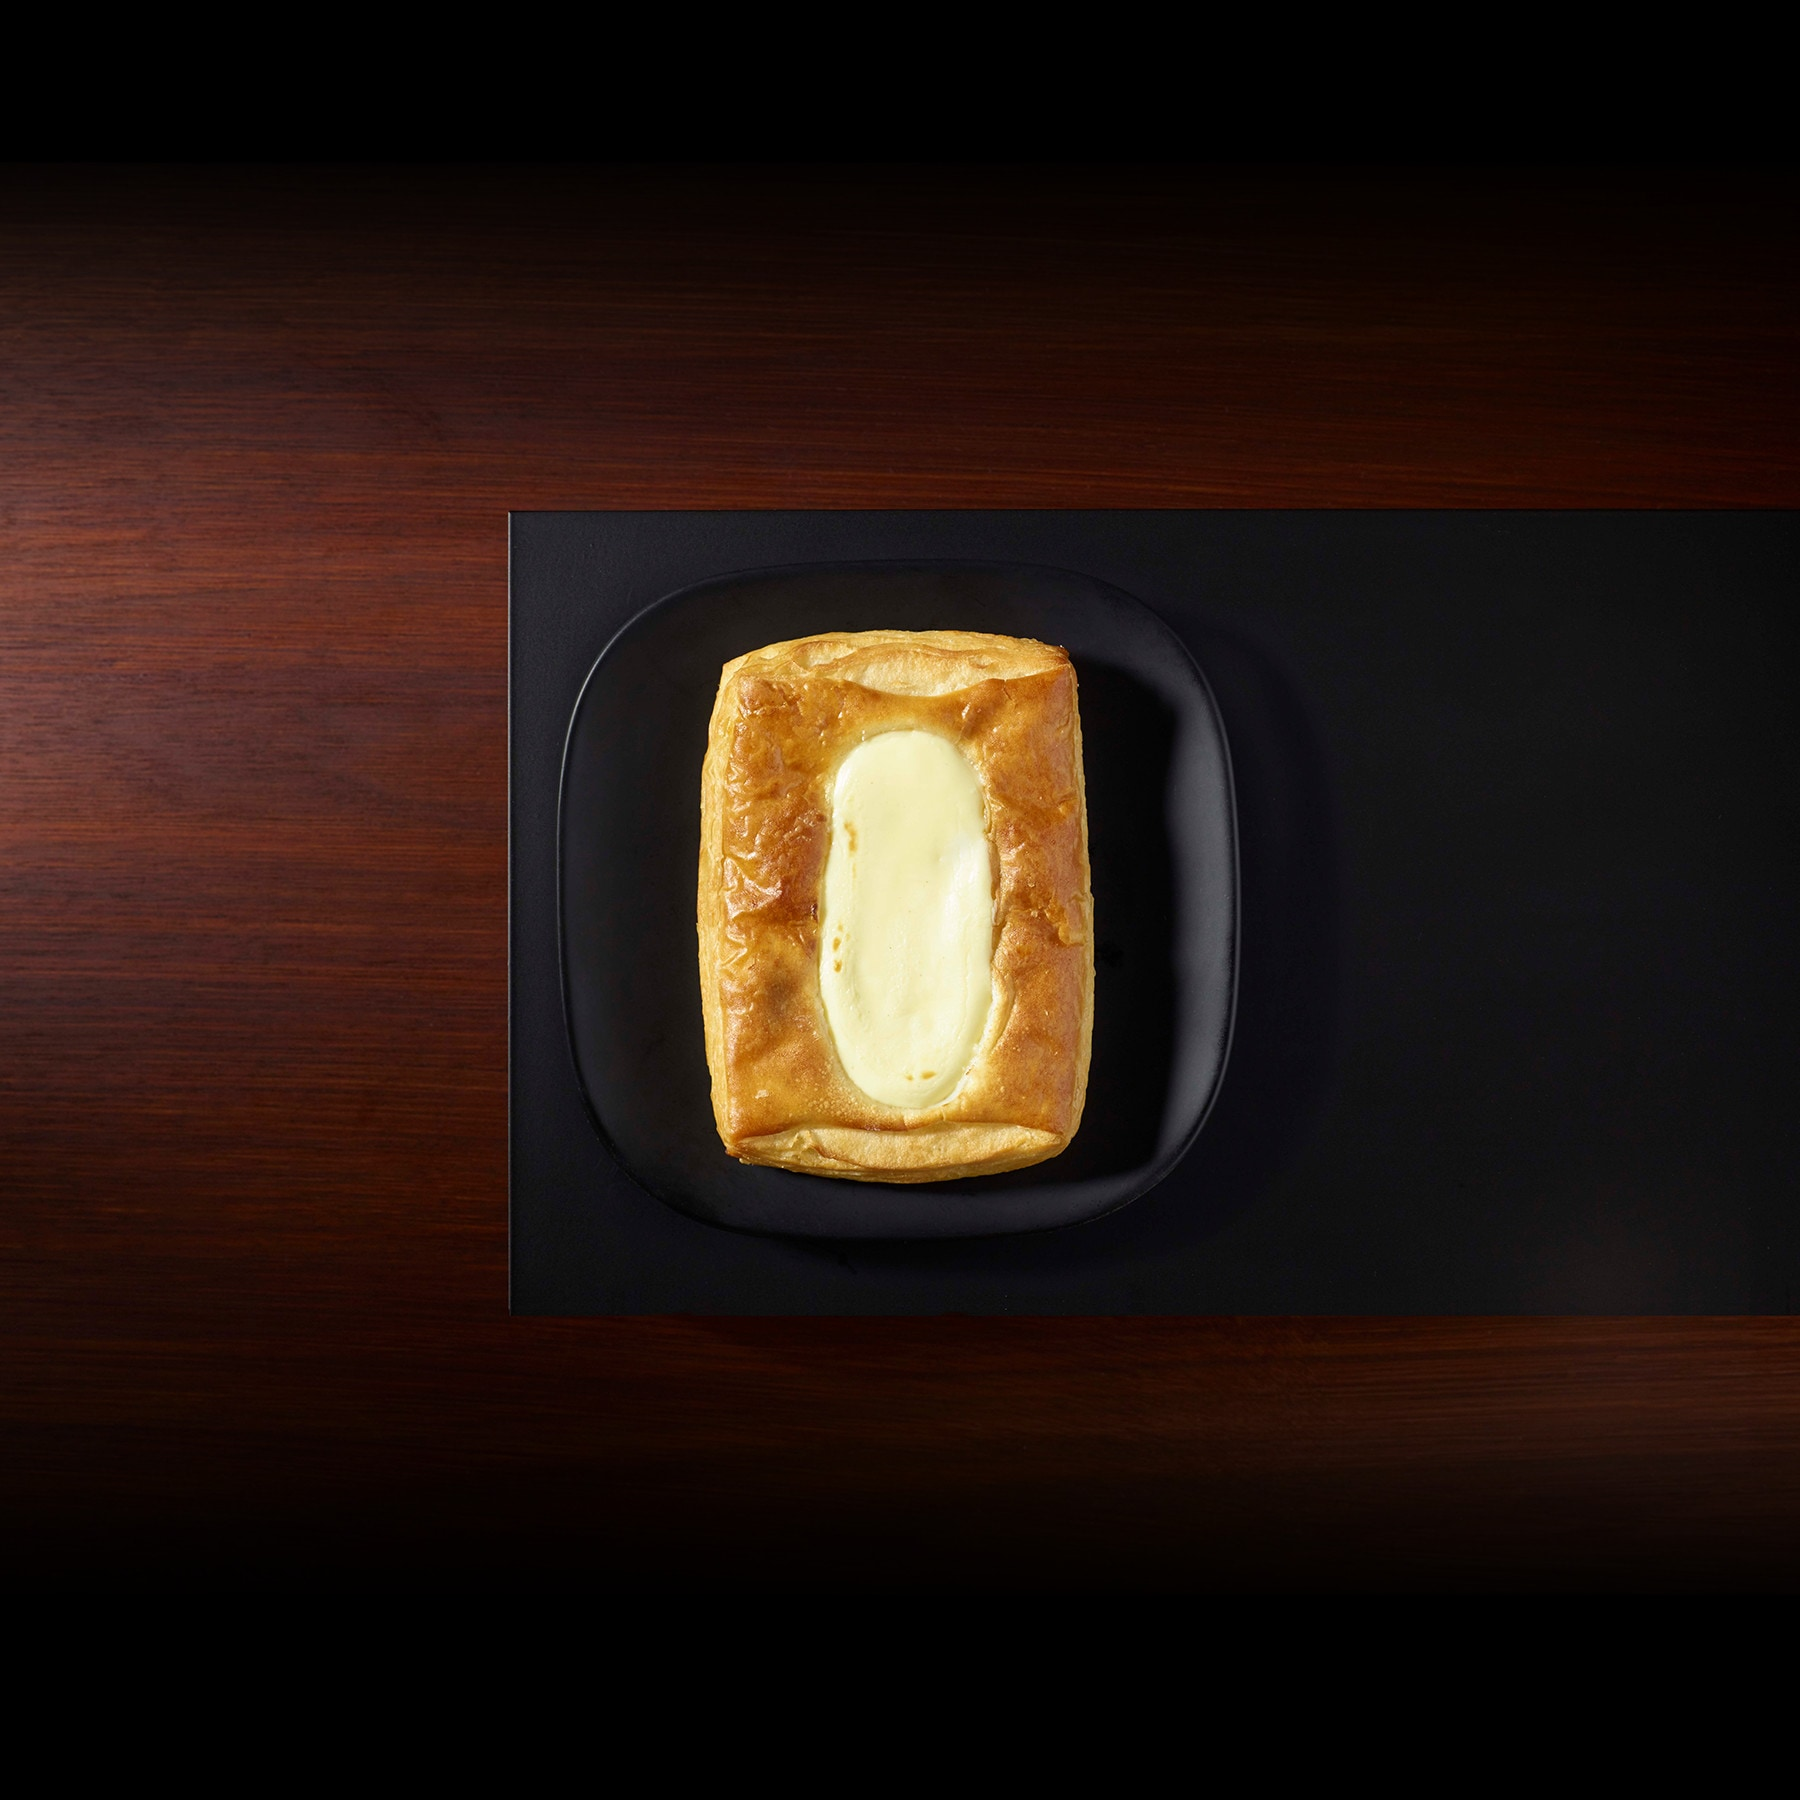 Cheese Danish | Starbucks Coffee Company